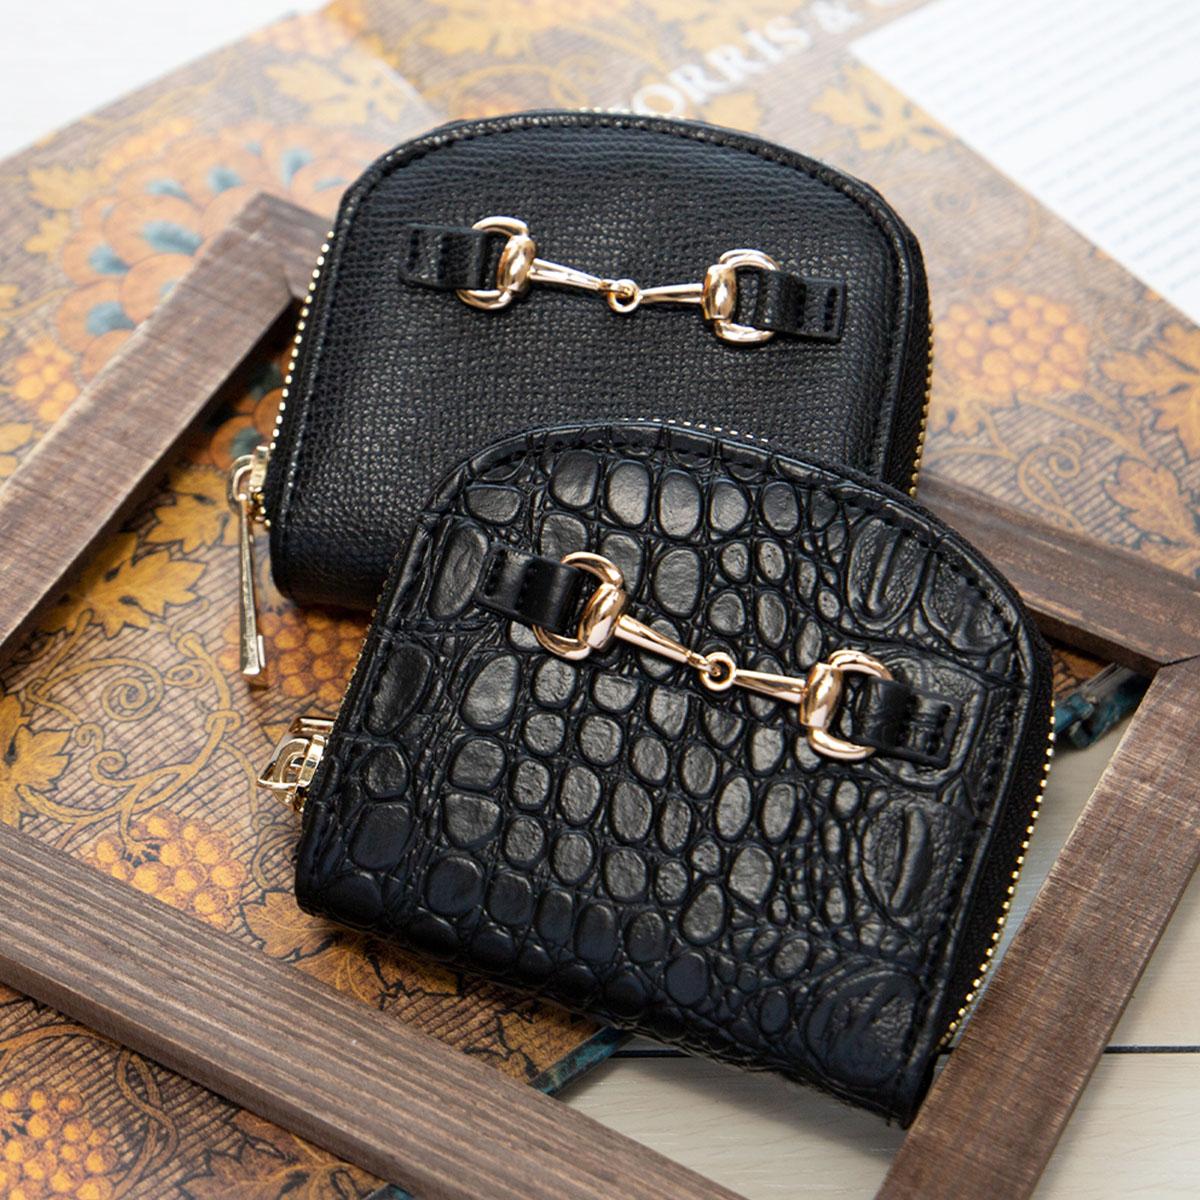 ビット金具 二つ折り財布 ラウンドミニ財布 [アガサ] / レディース バッグ